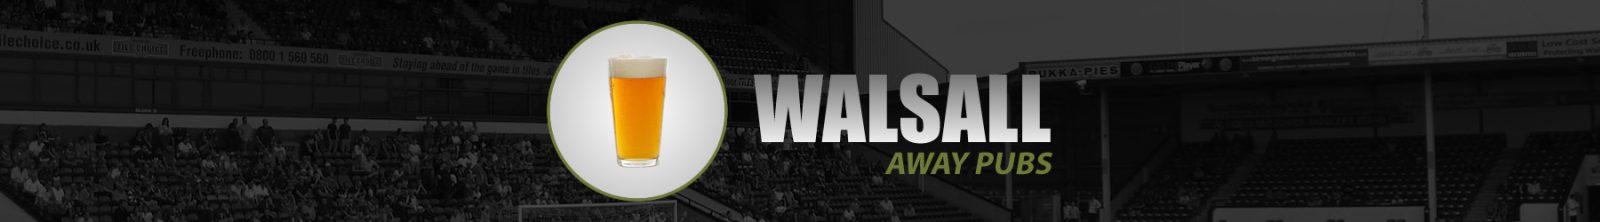 Walsall Away Pubs